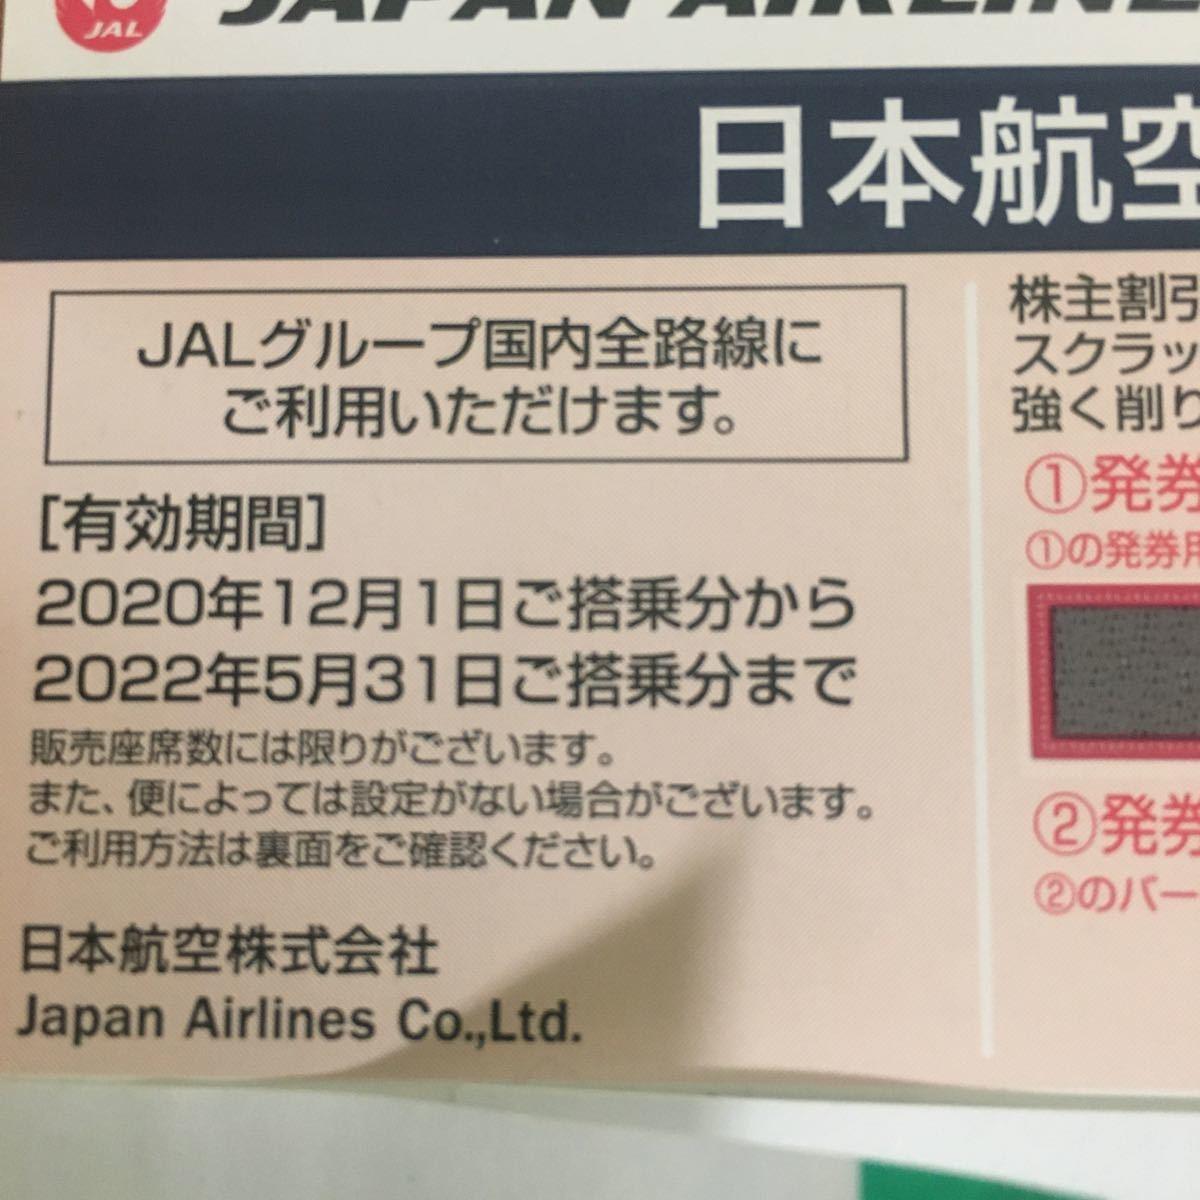 JAL 日本航空 株主優待券1枚 50%割引(片道)番号通知のみ送料無料  ~2022年5月31日 搭乗分 航空券 割引券_画像2